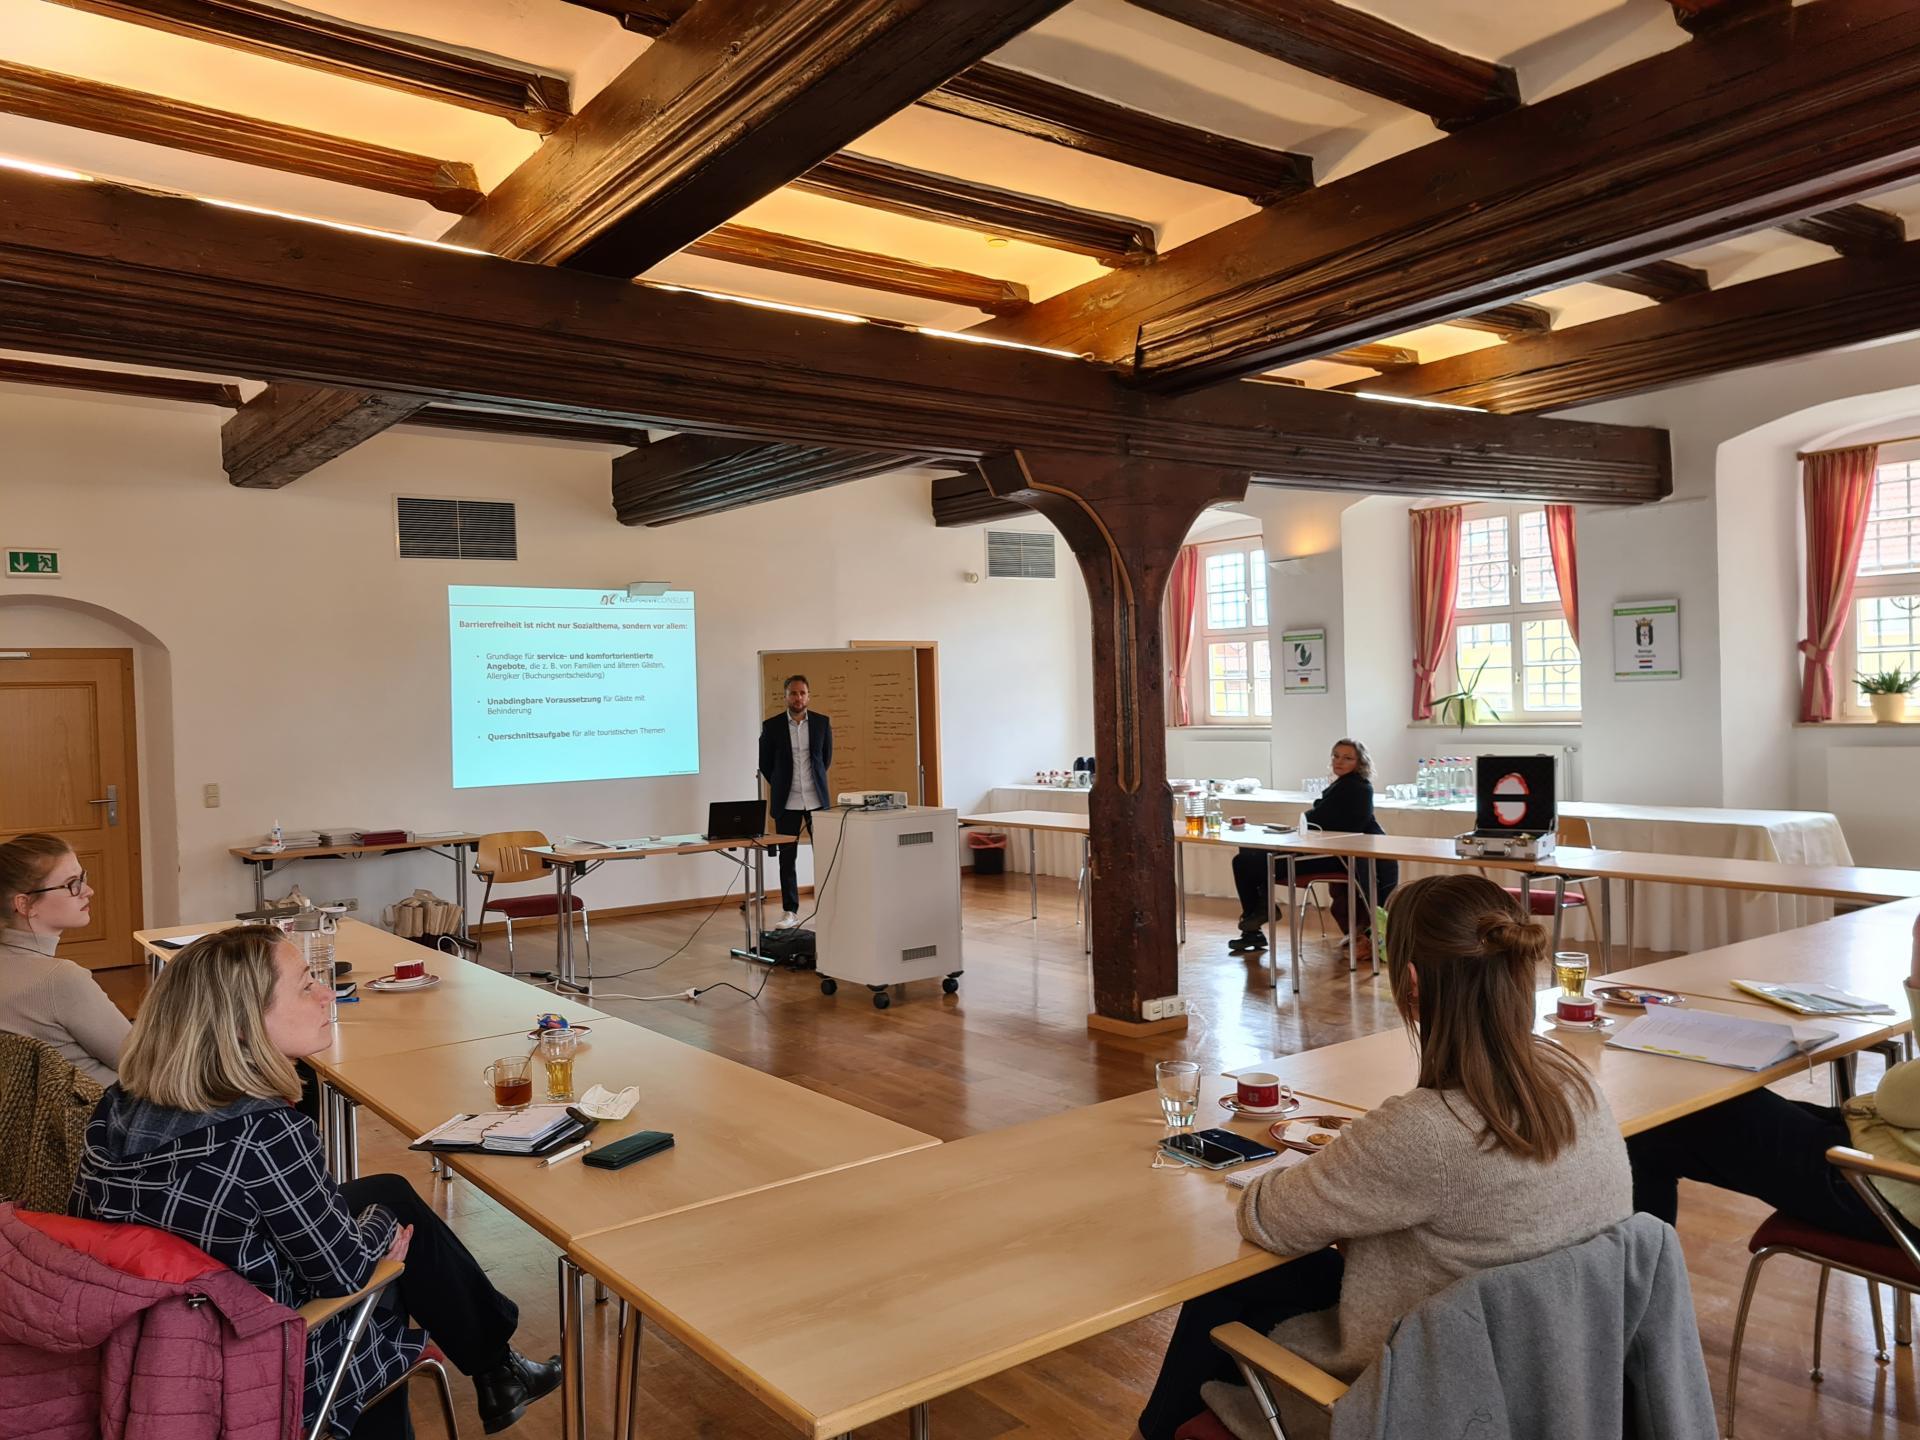 (1) Erste KomfortDenker-Schulung in der Welterberegion Wartburg Hainich